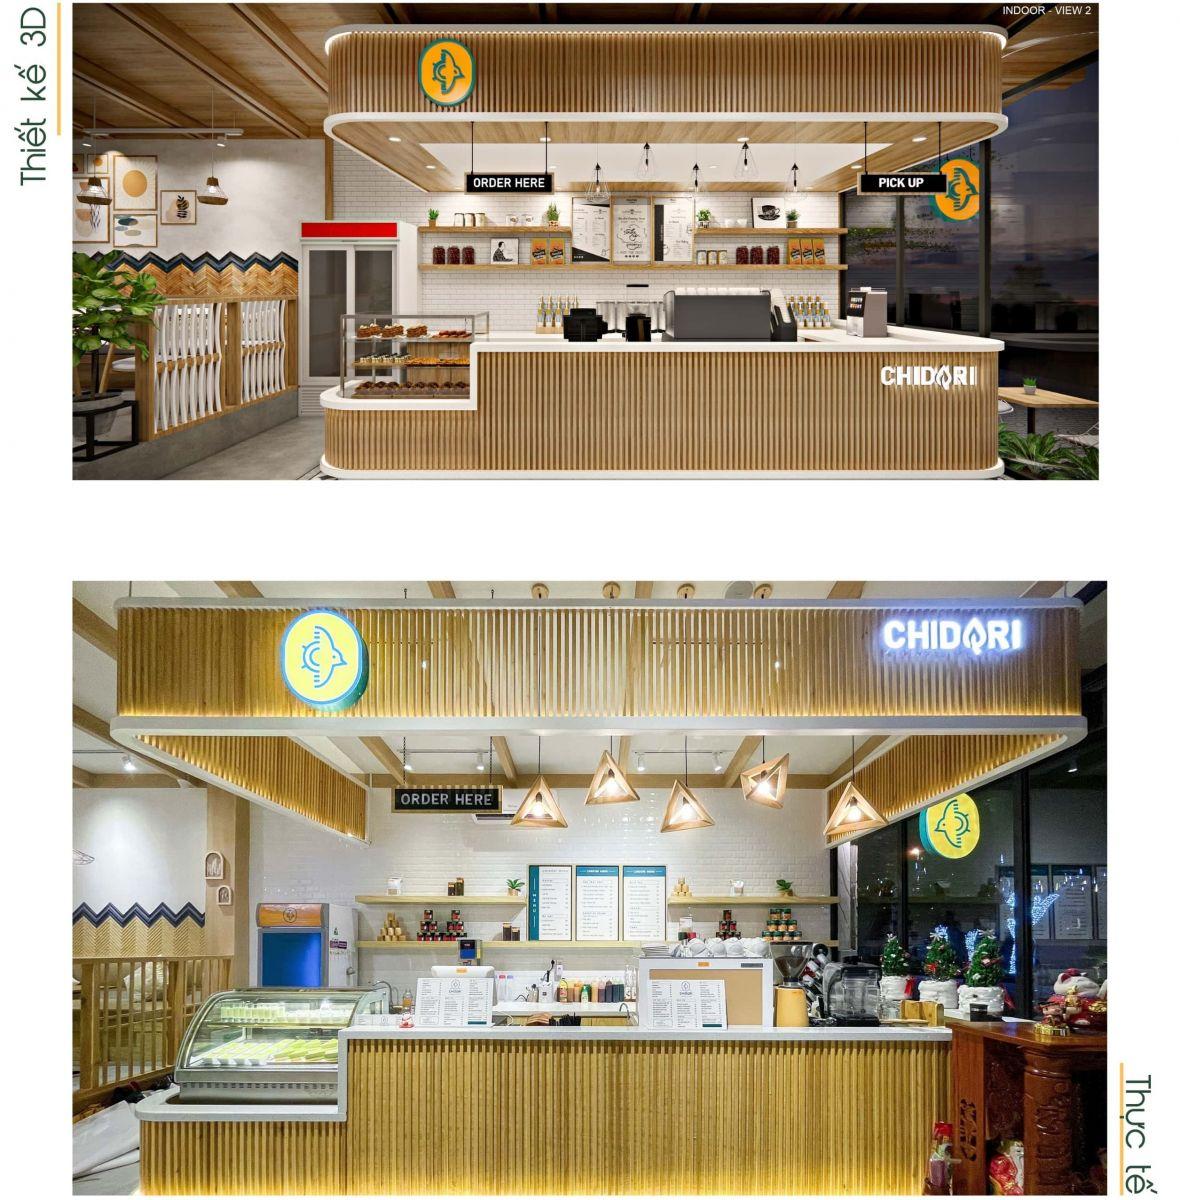 thi-cong-hoan-thien-quan-cafe-chidori-coffee-tea-4